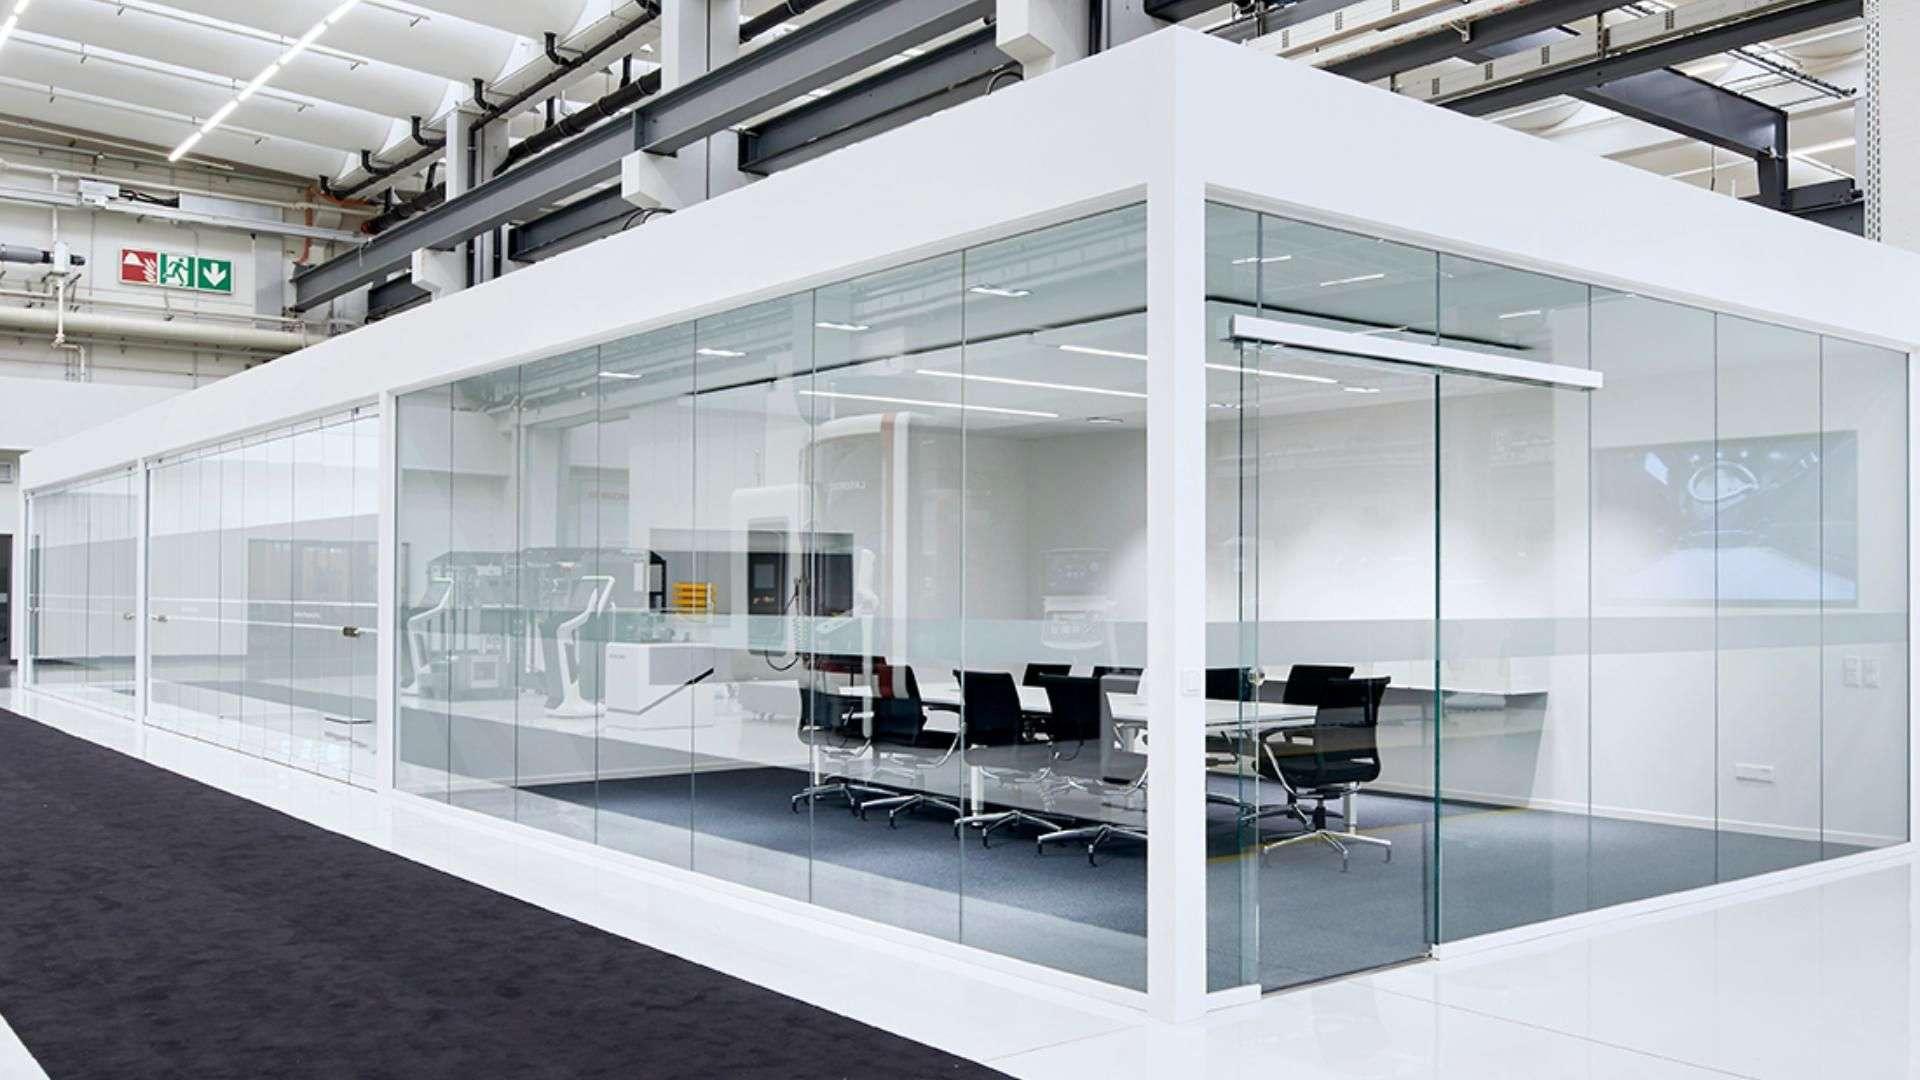 Ganzglas-Anlagen in einer Halle